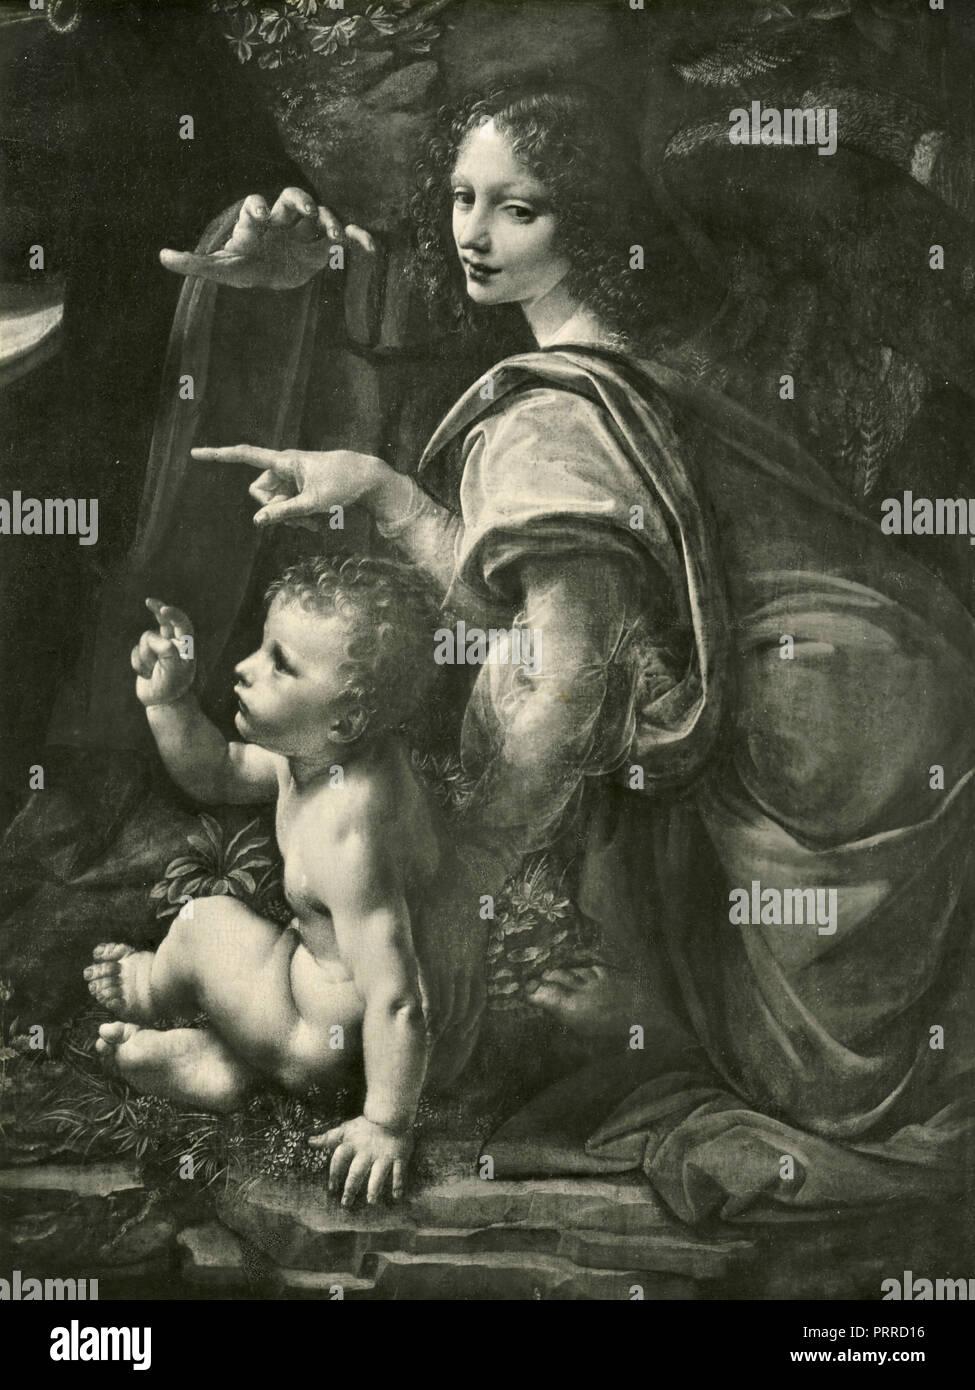 La Vierge Aux Rochers La Peinture De Leonard De Vinci 1920 Photo Stock Alamy